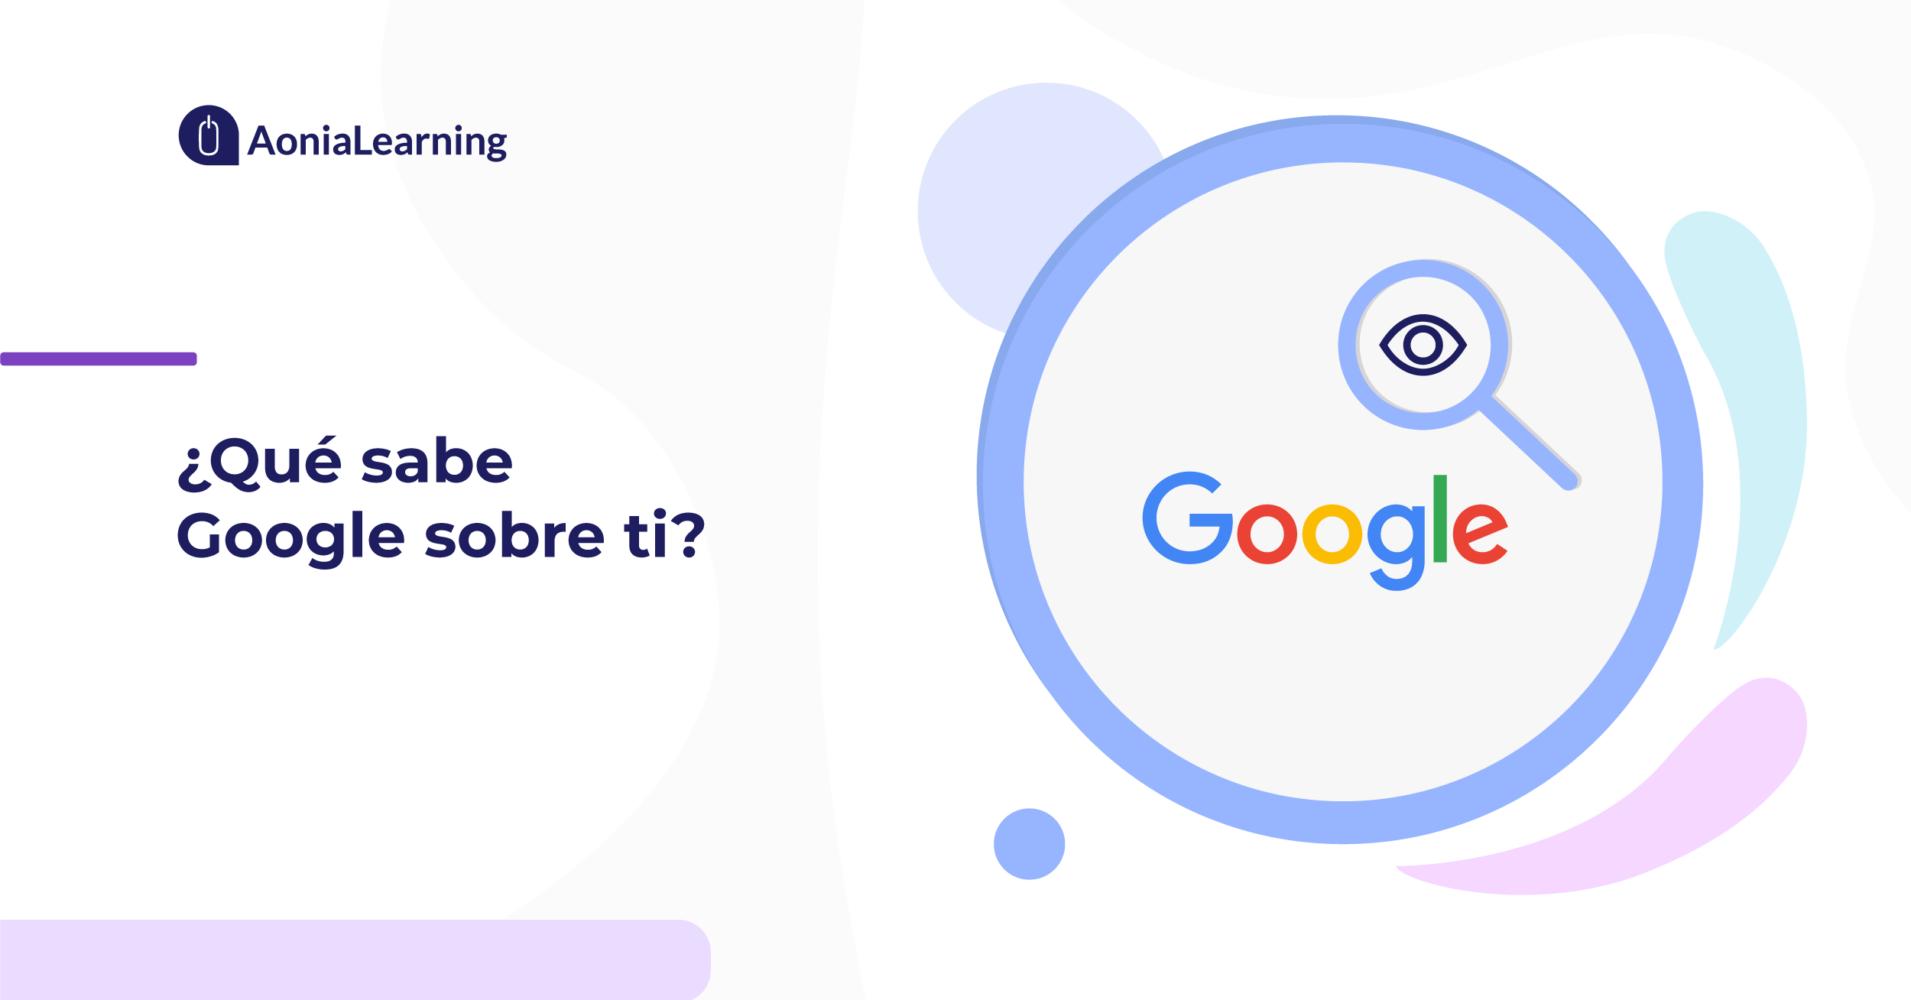 Qué sabe Google sobre ti